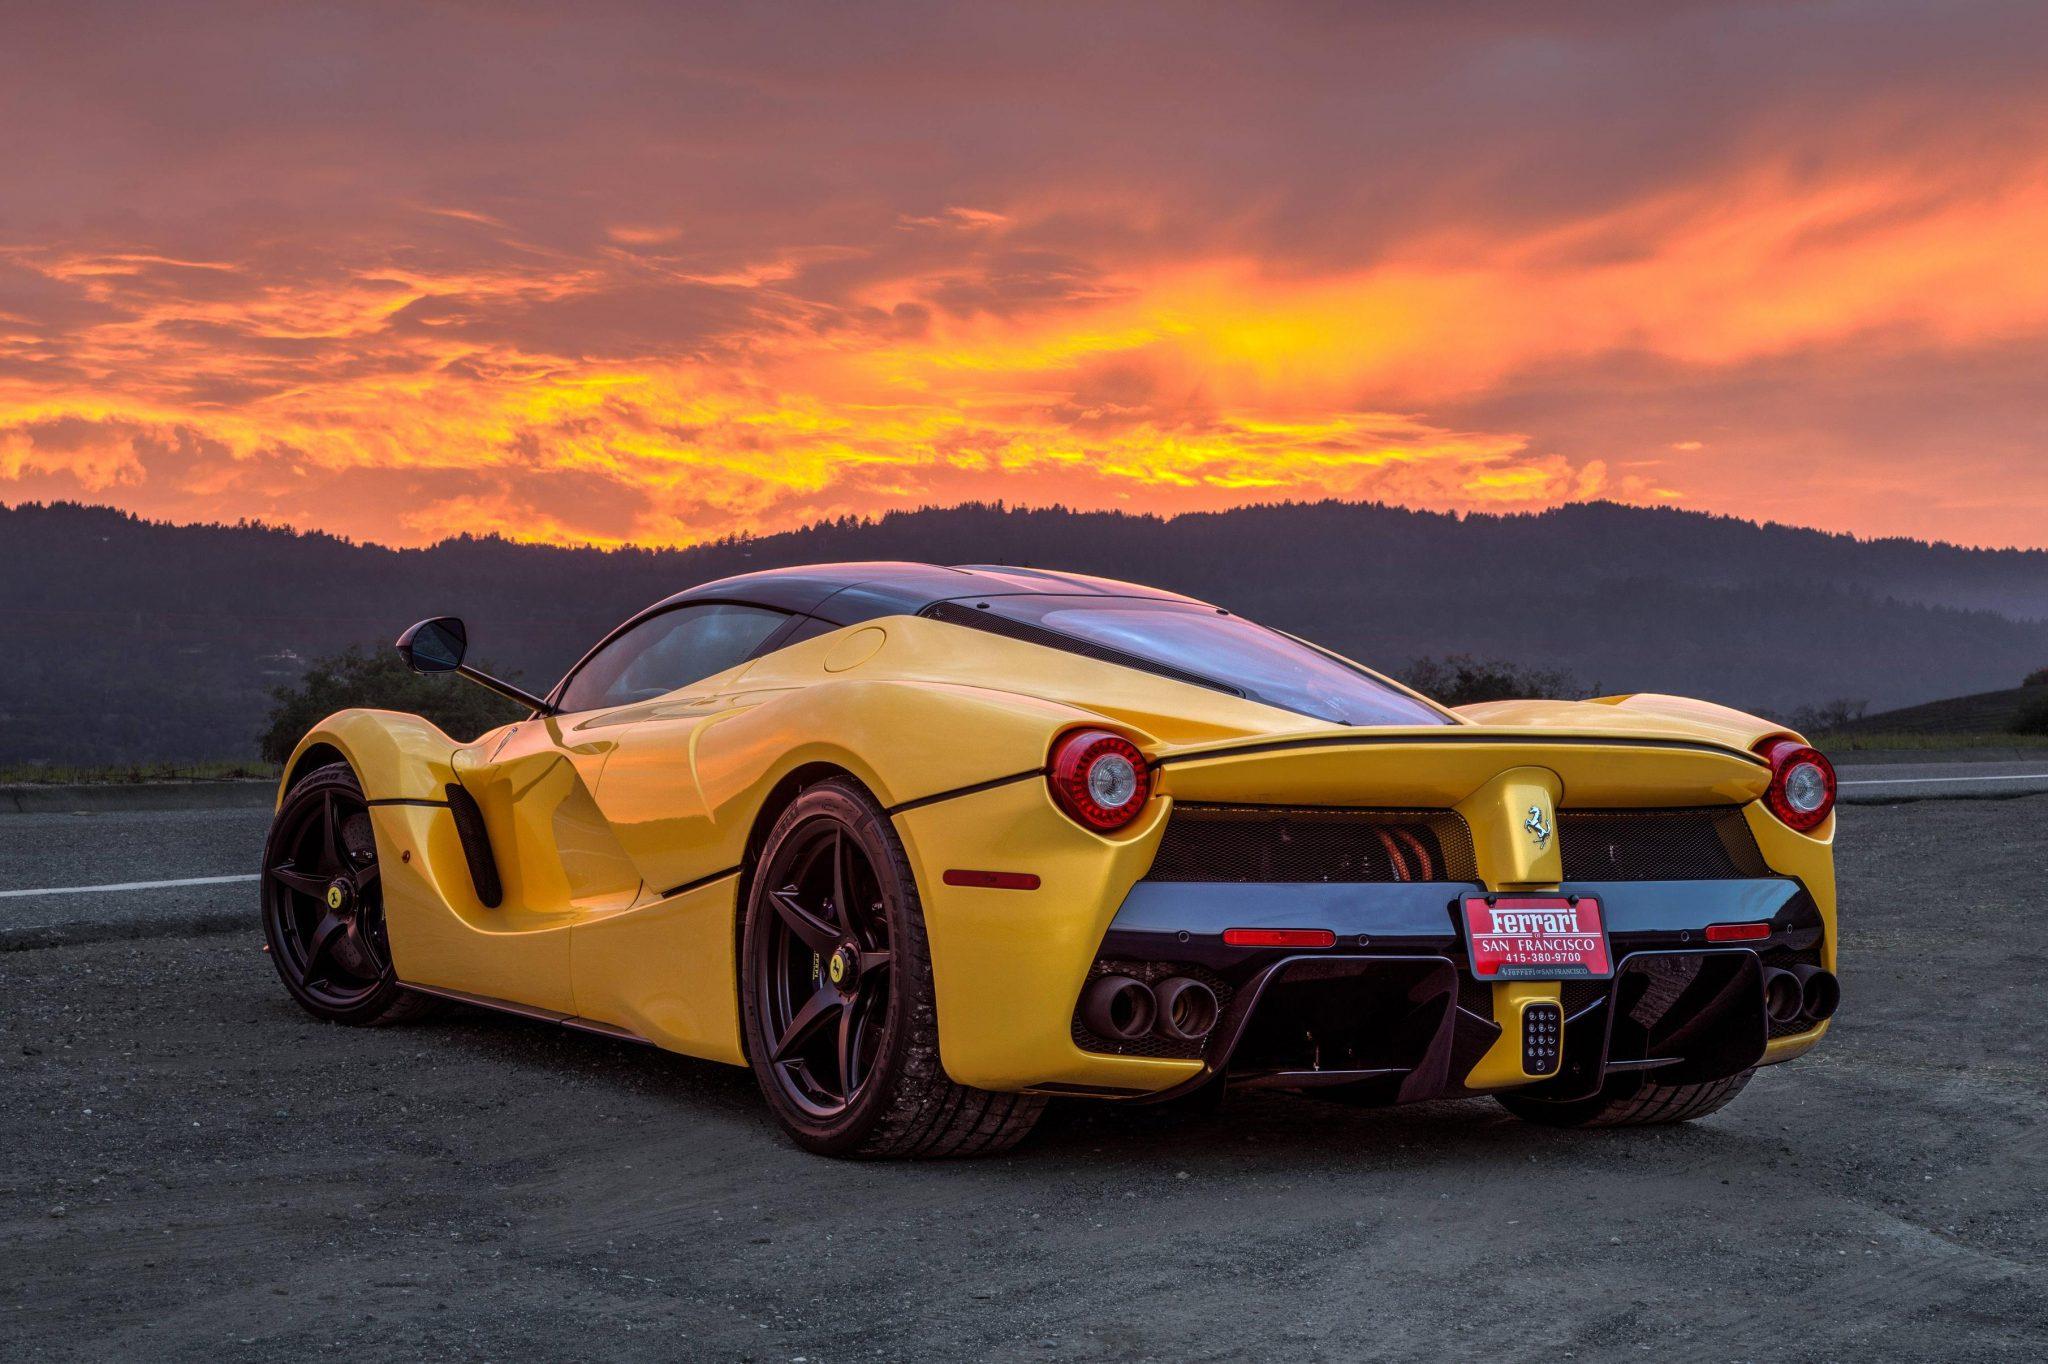 Ferrari construirá una unidad más del LaFerrari, con fines benéficos 1